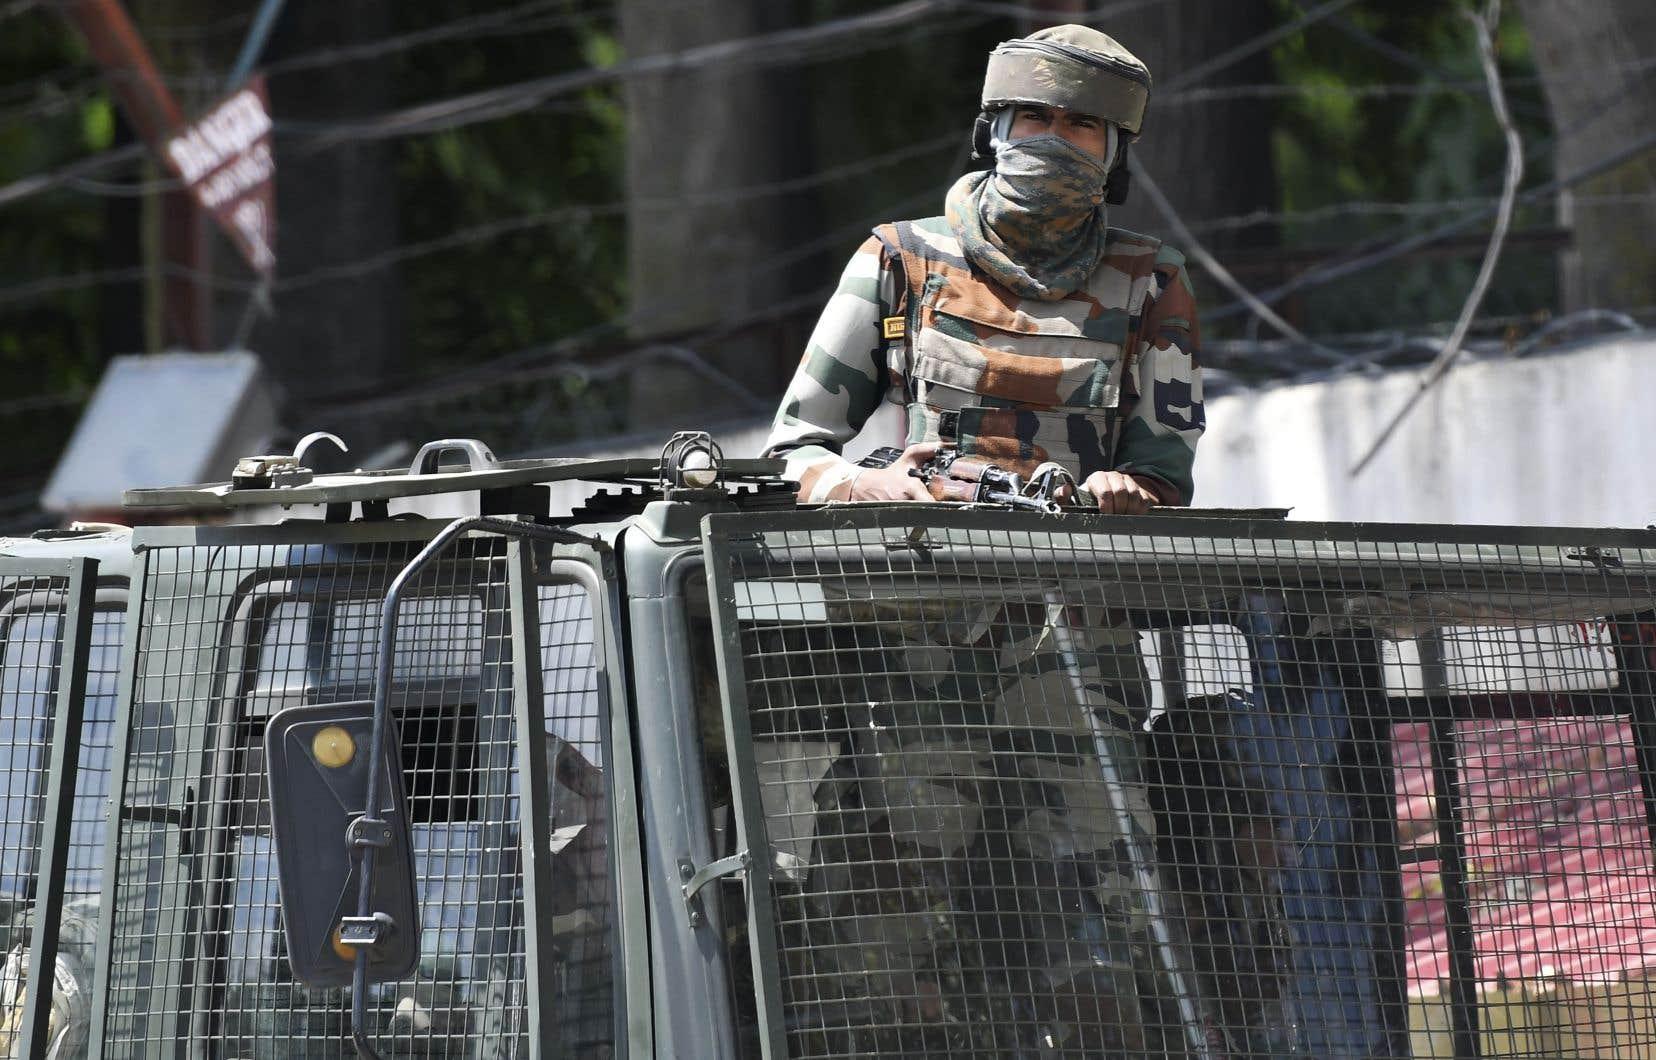 Un soldat de l'armée indienne reste en alerte dans un camion alors qu'il se trouvait dans un convoi à Srinagar, le 19 août.